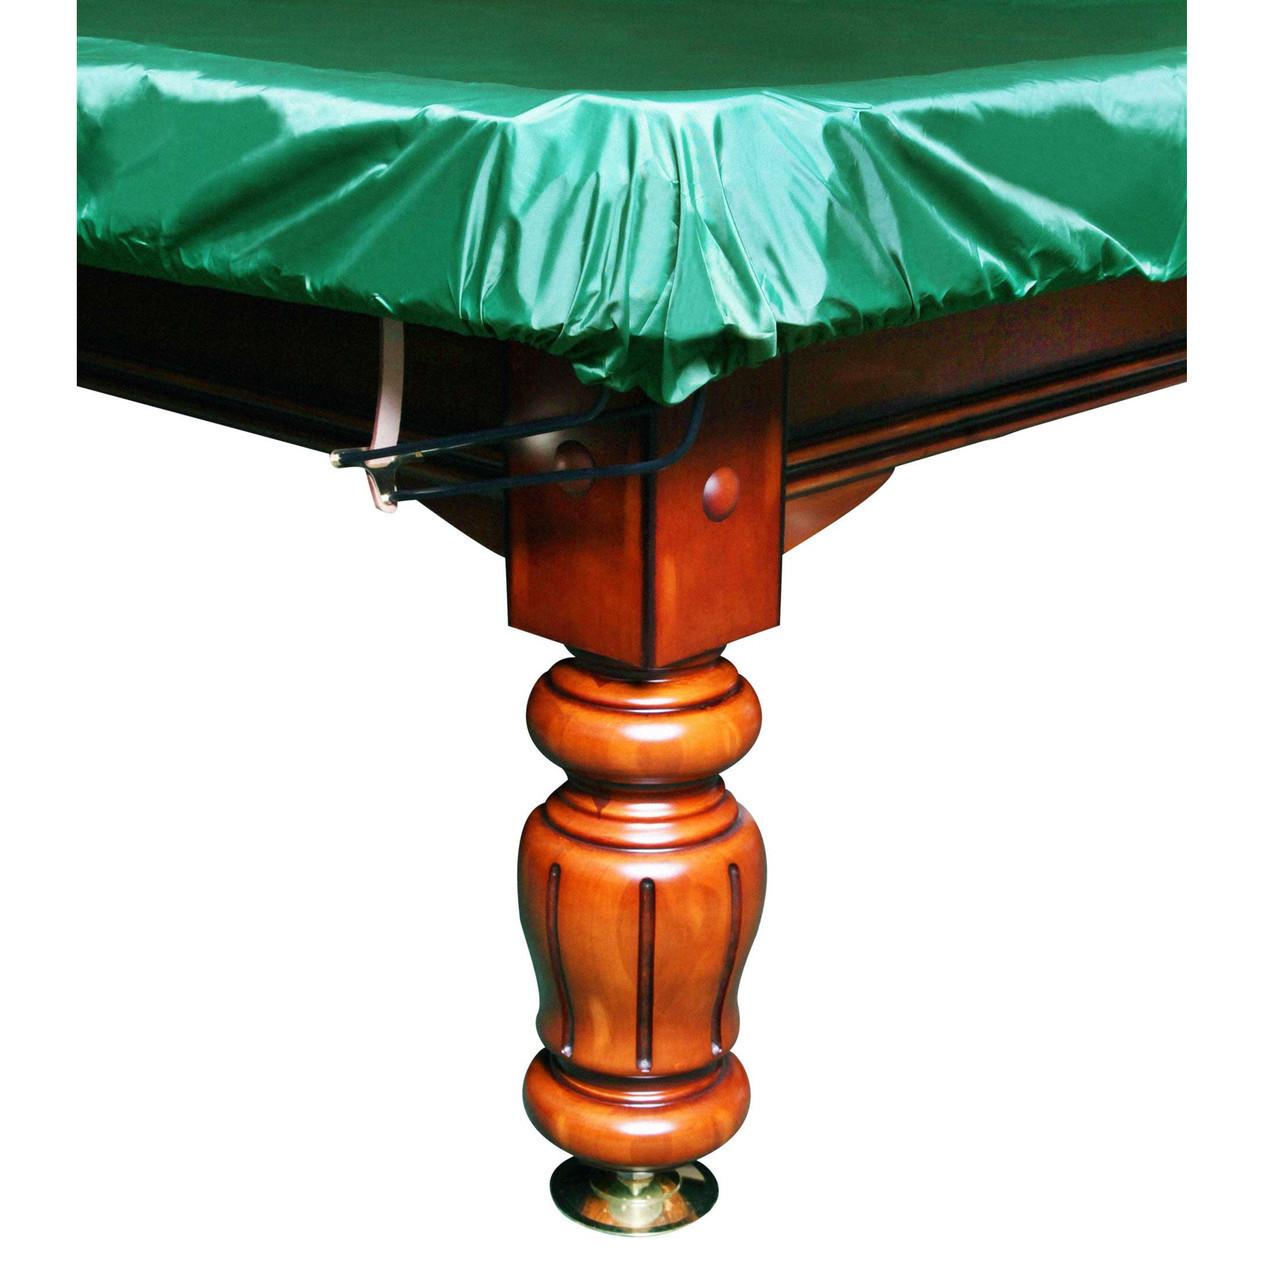 Чехол для бильярдного стола 10Ф с резинкой на лузах